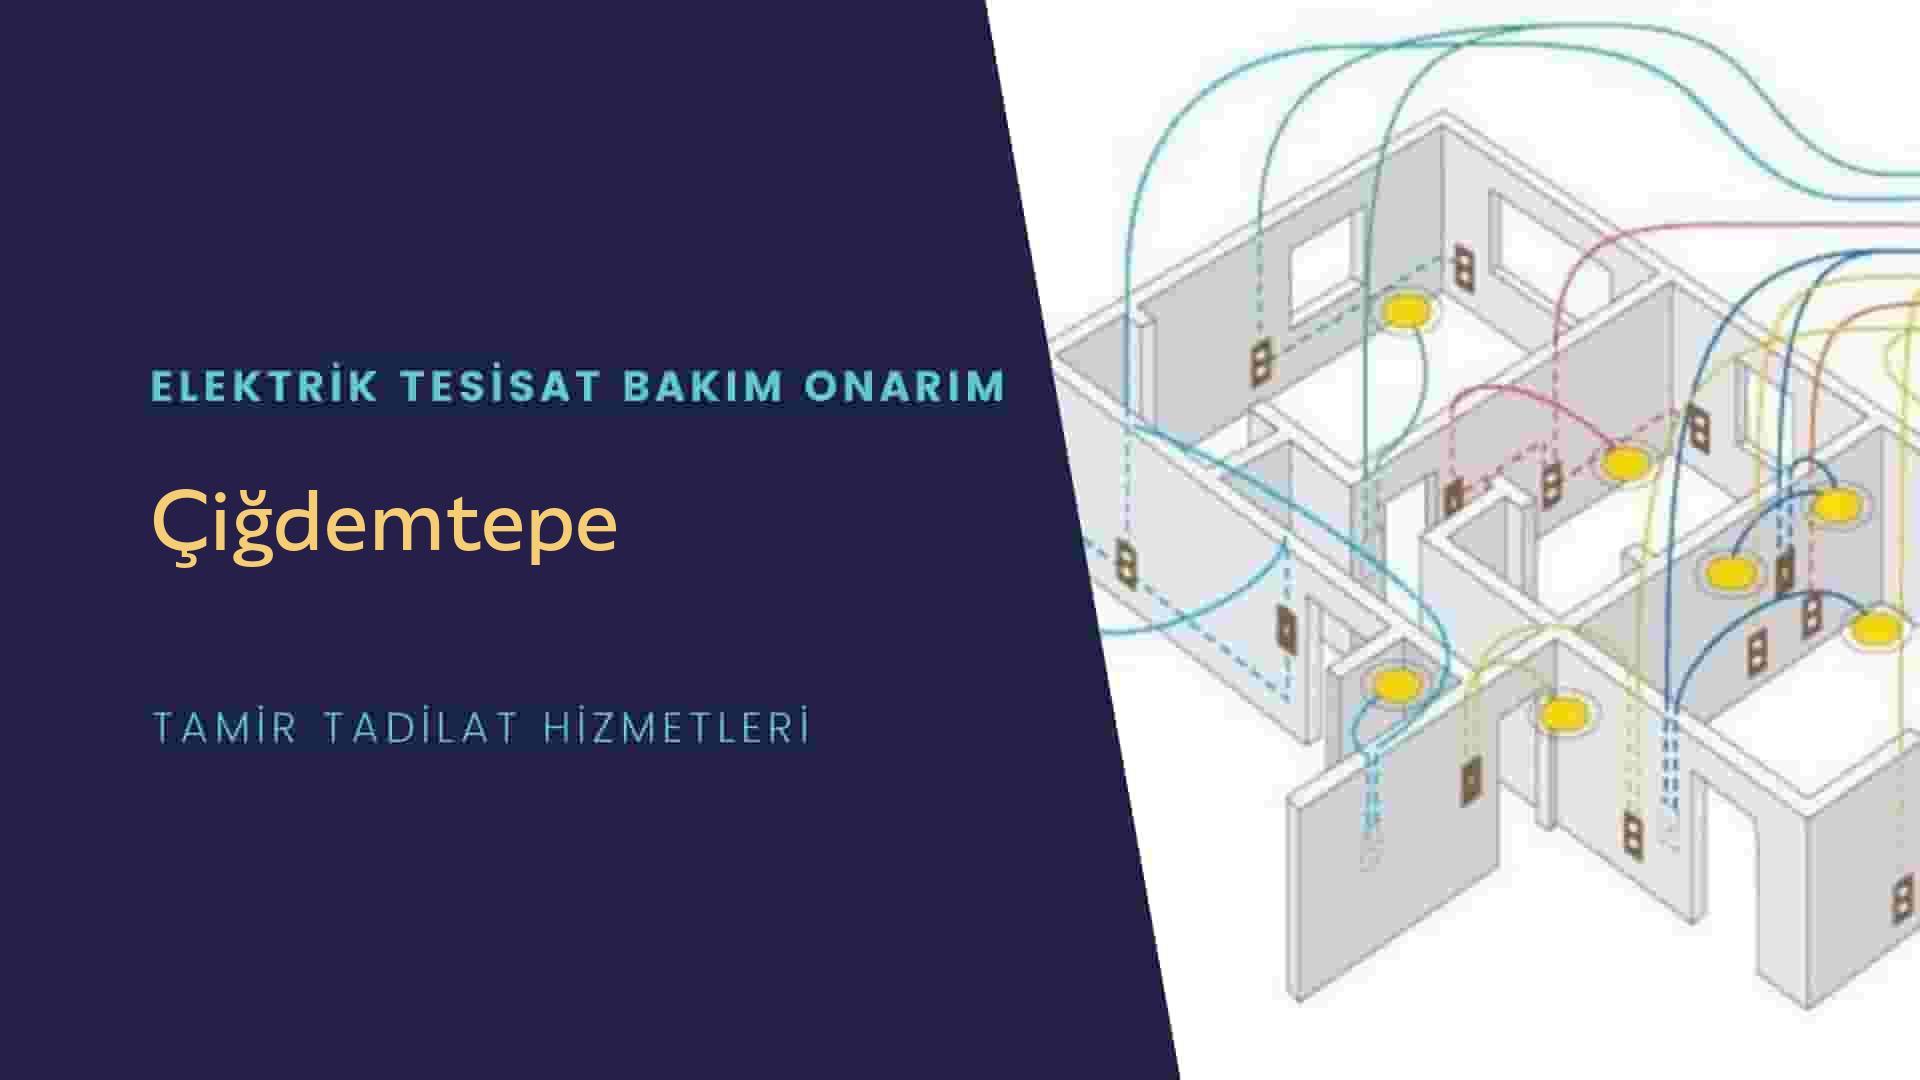 Çiğdemtepe'de elektrik tesisatıustalarımı arıyorsunuz doğru adrestenizi Çiğdemtepe elektrik tesisatı ustalarımız 7/24 sizlere hizmet vermekten mutluluk duyar.